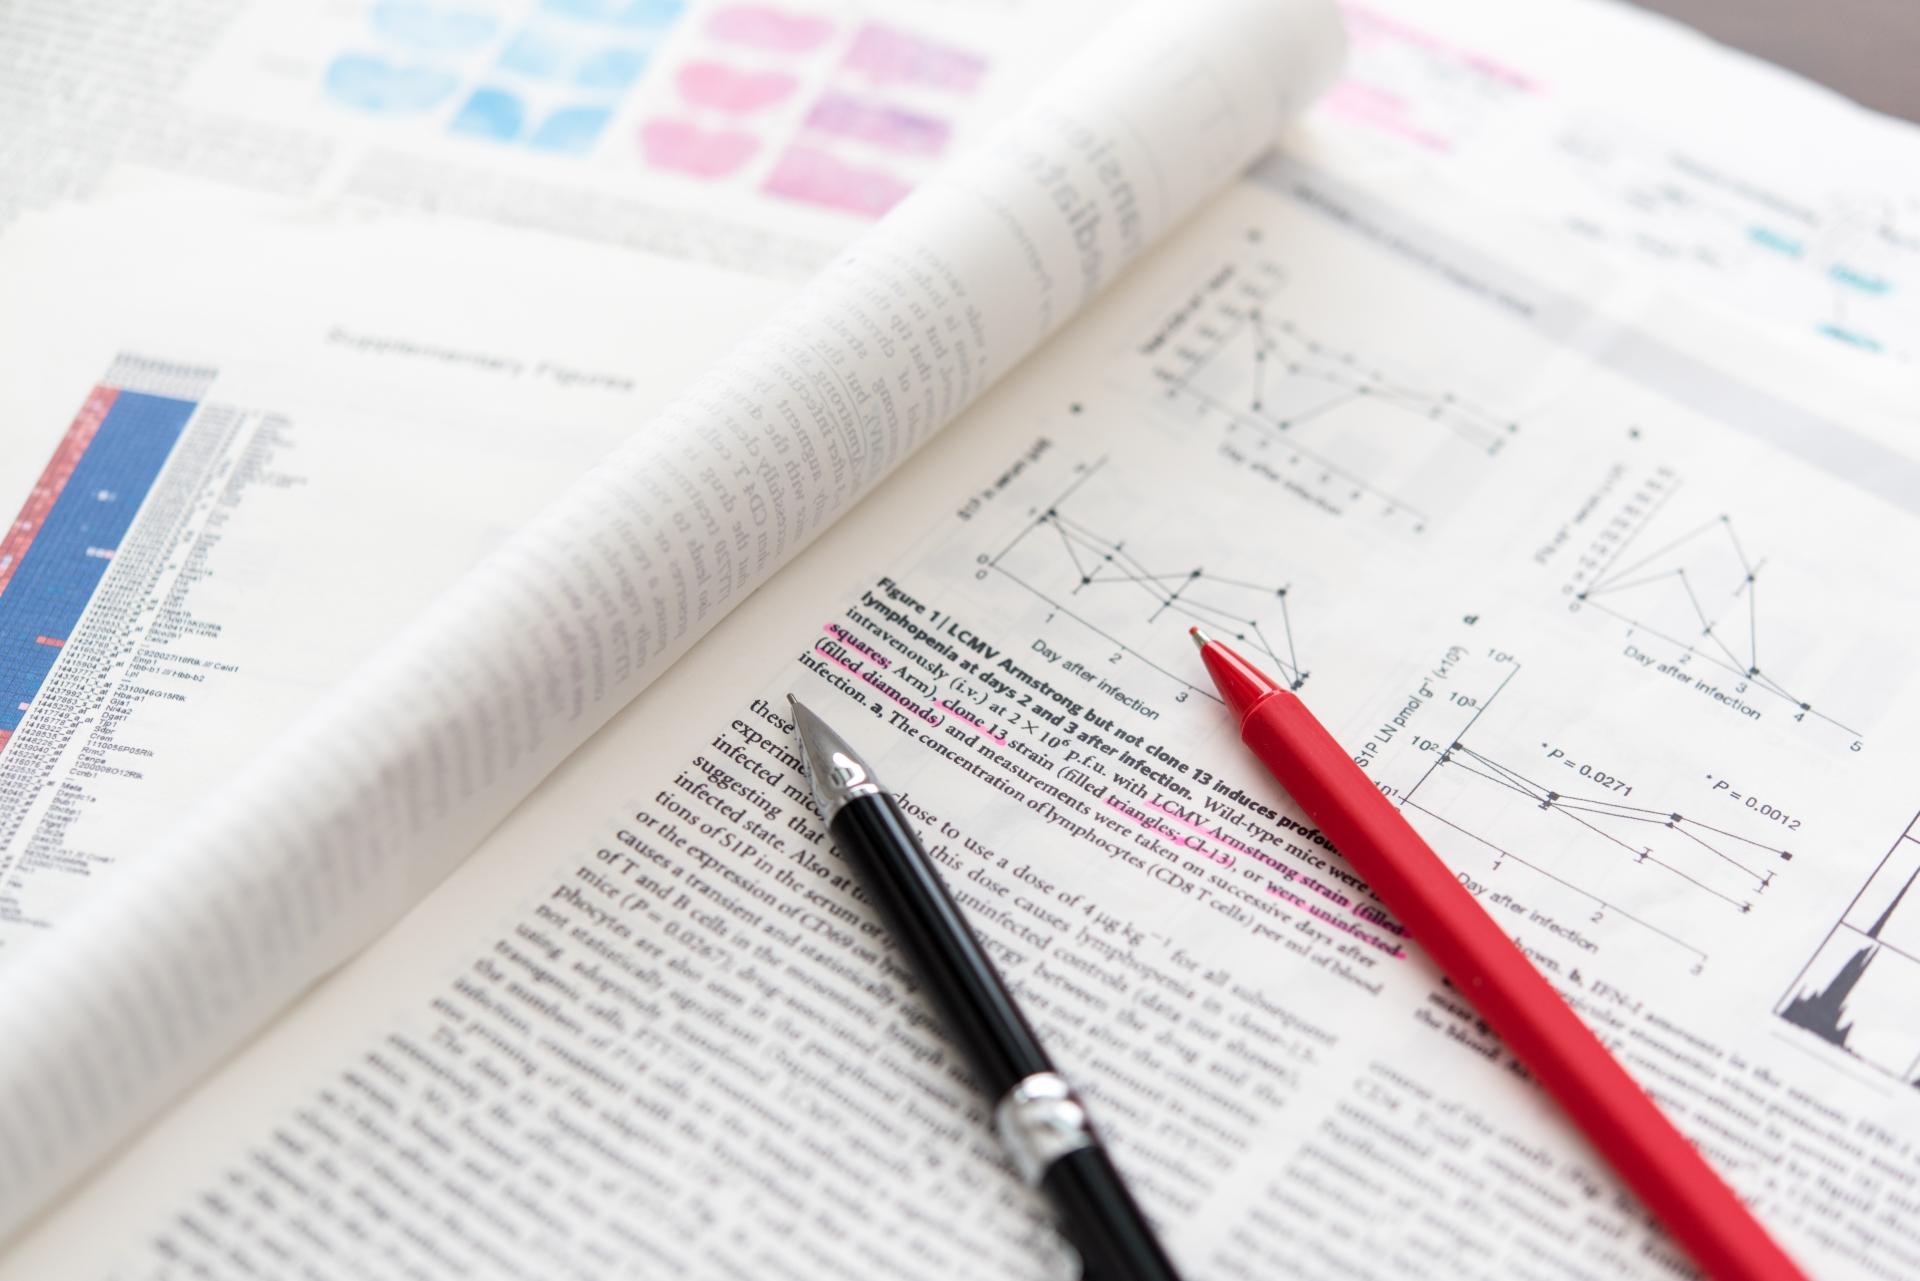 あなたの趣味ブログが稼げるように育っているか確認する3つのポイント